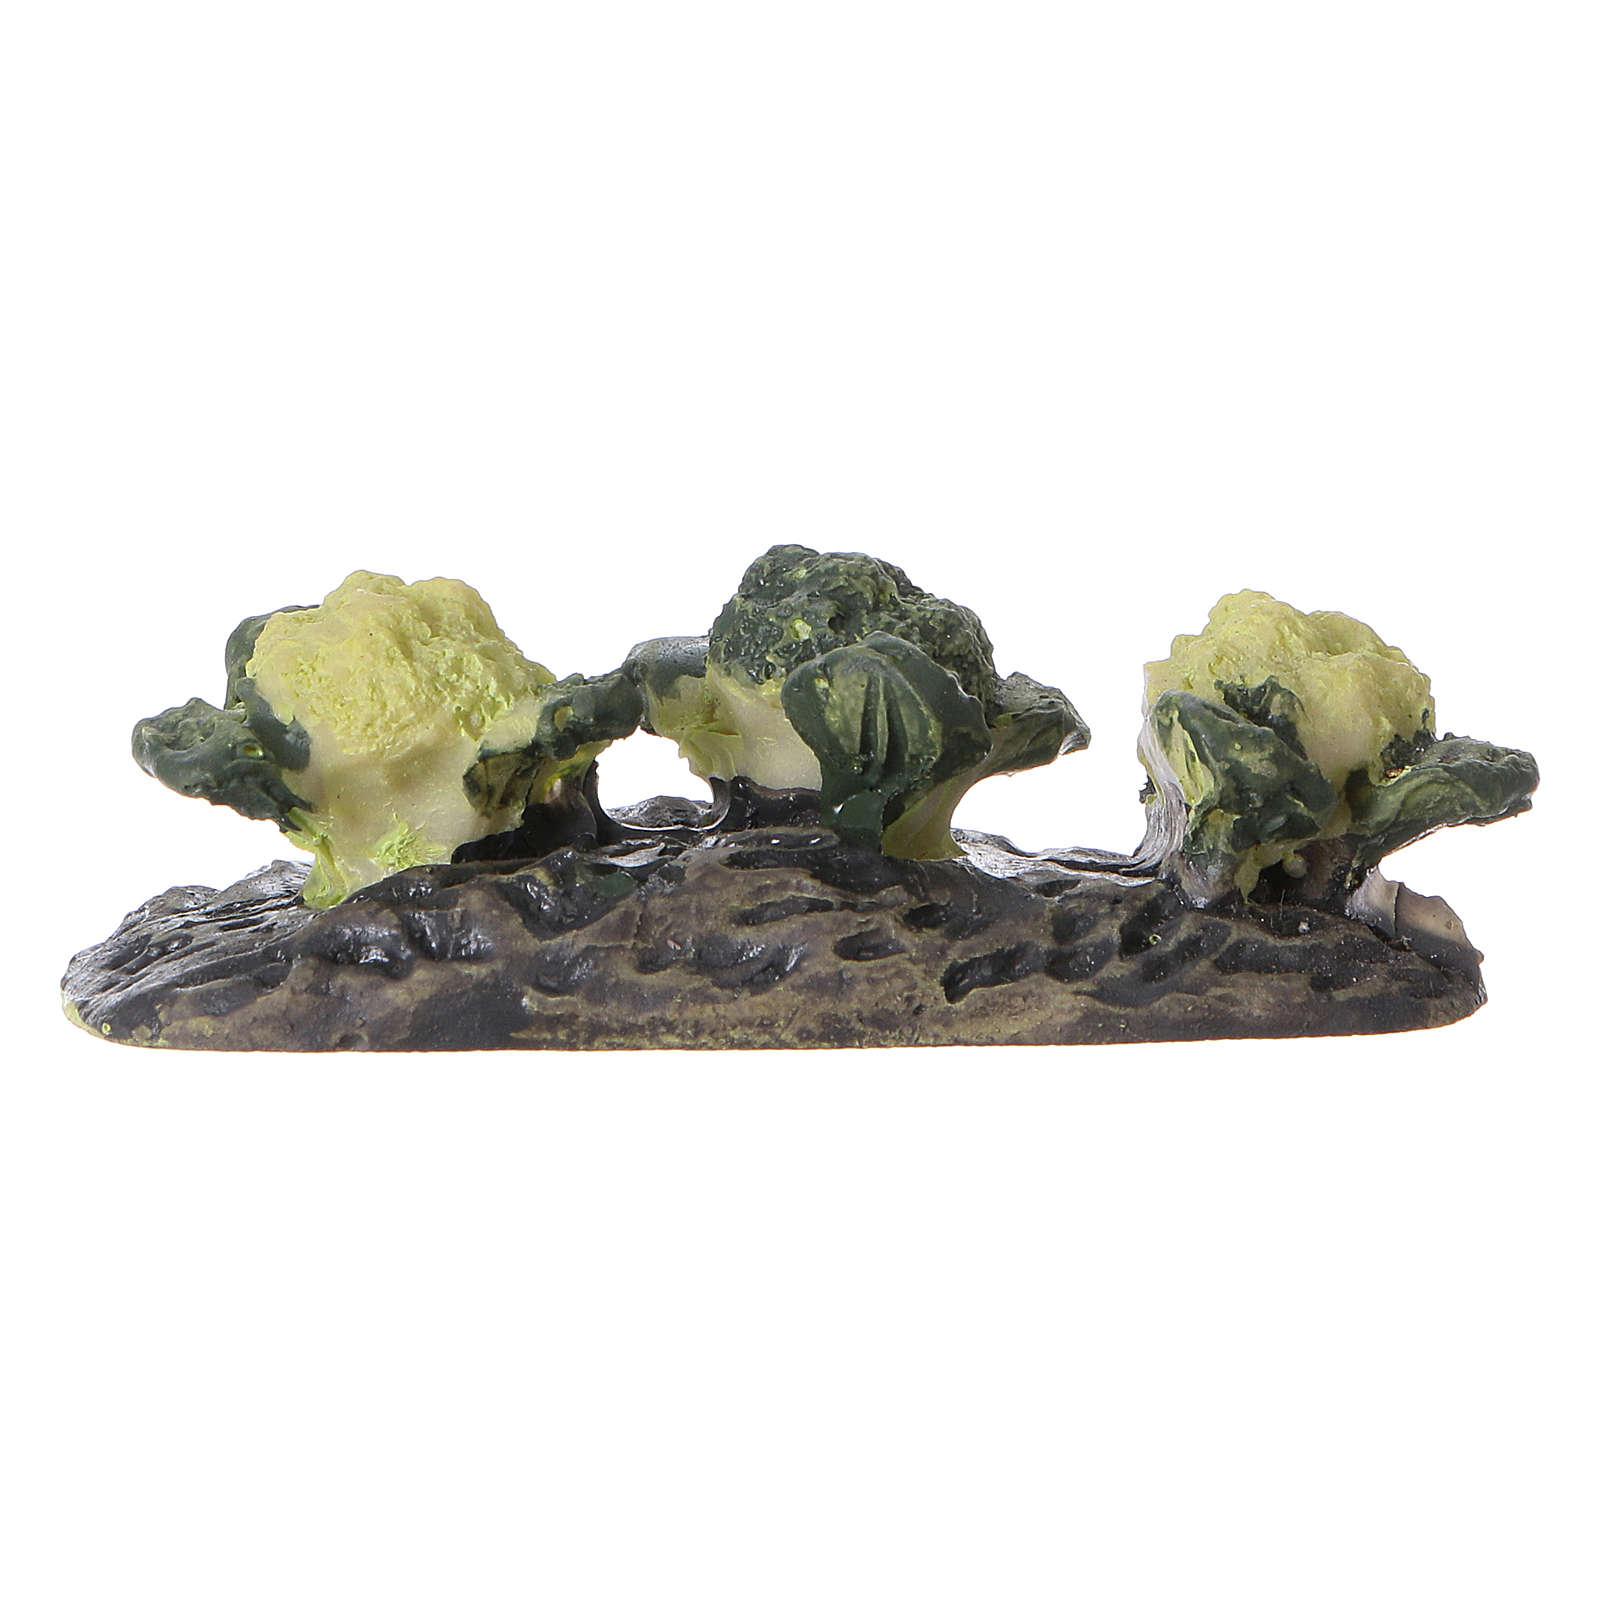 Hila de coliflores resina 5x5x5 cm 4